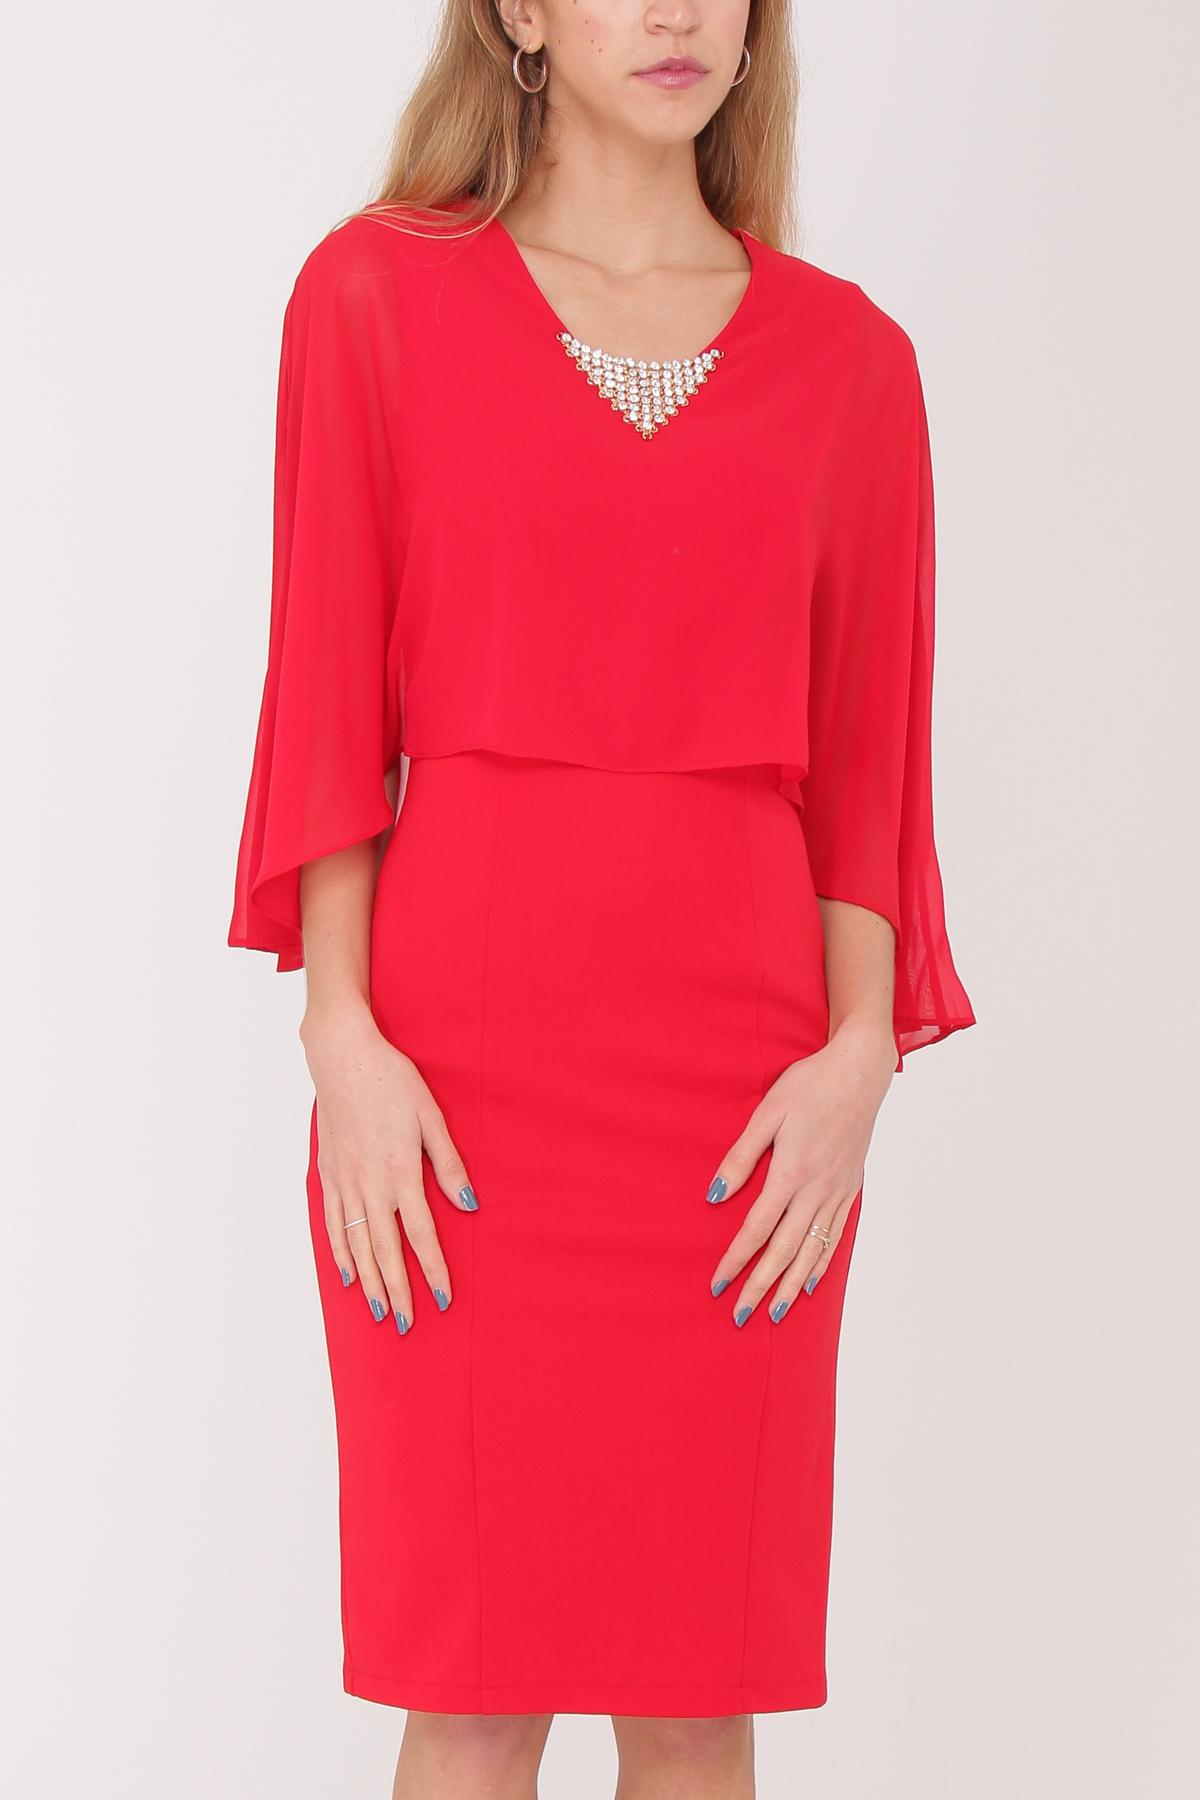 robe de cocktail mi longue ASHWI asm1701 rouge S au 5XL